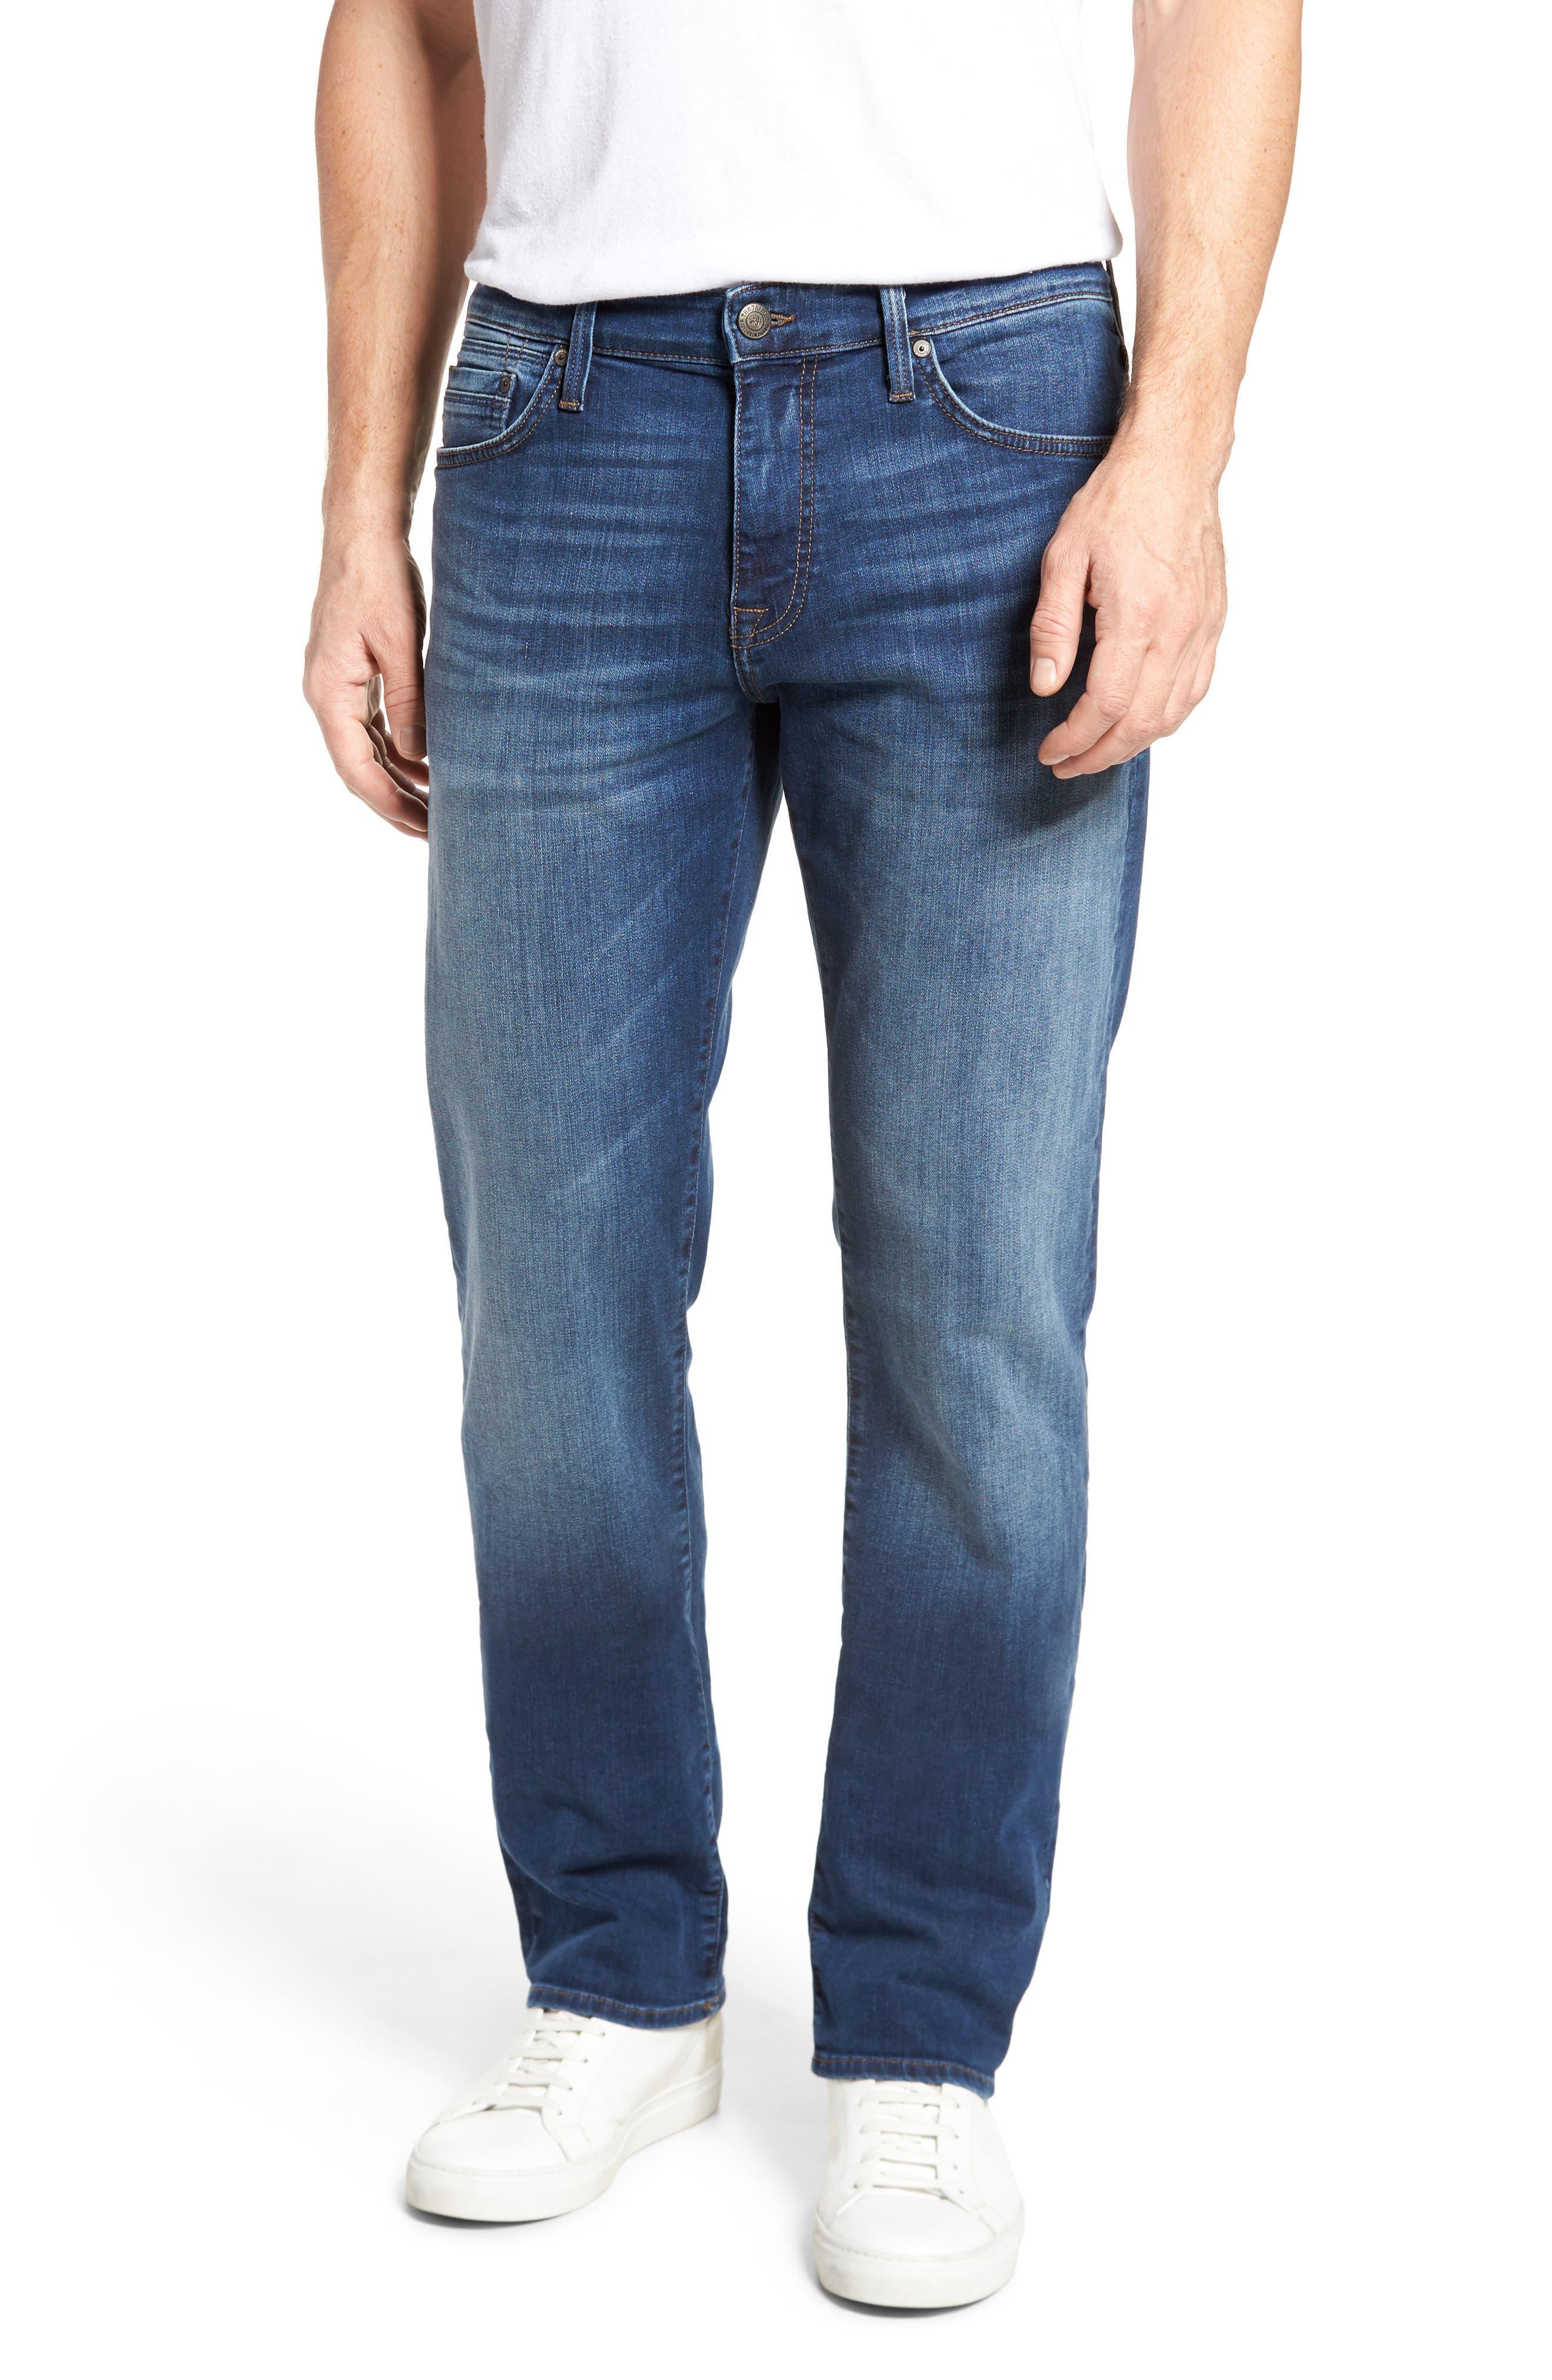 Alternate Image 1 Selected - Mavi Jeans Myles Straight Fit Jeans (Dark Used Williamsburg)